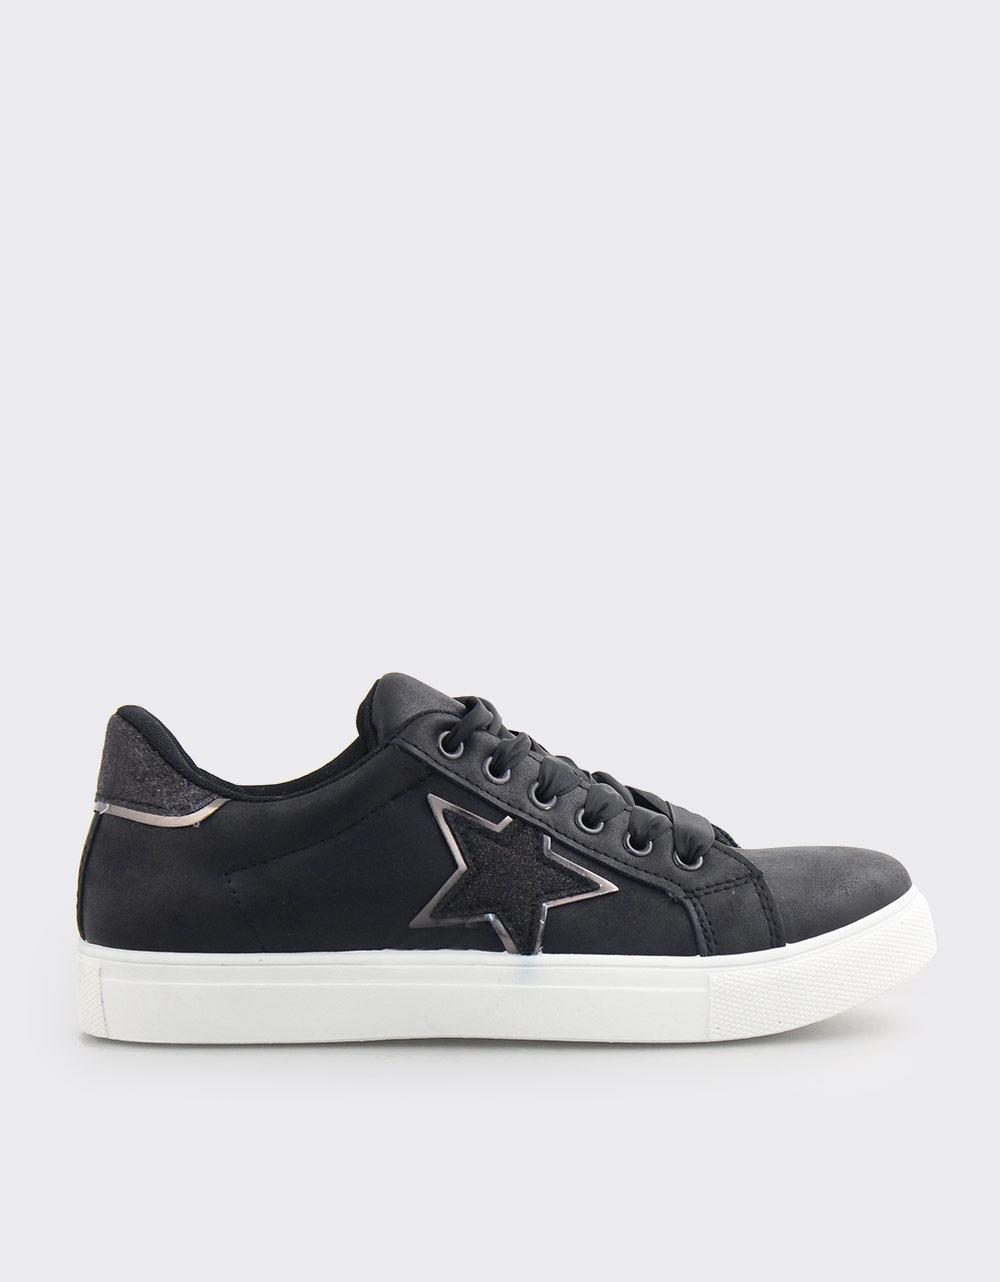 Εικόνα από Γυναικεία sneakers με διακοσμητικό αστέρι Μαύρο